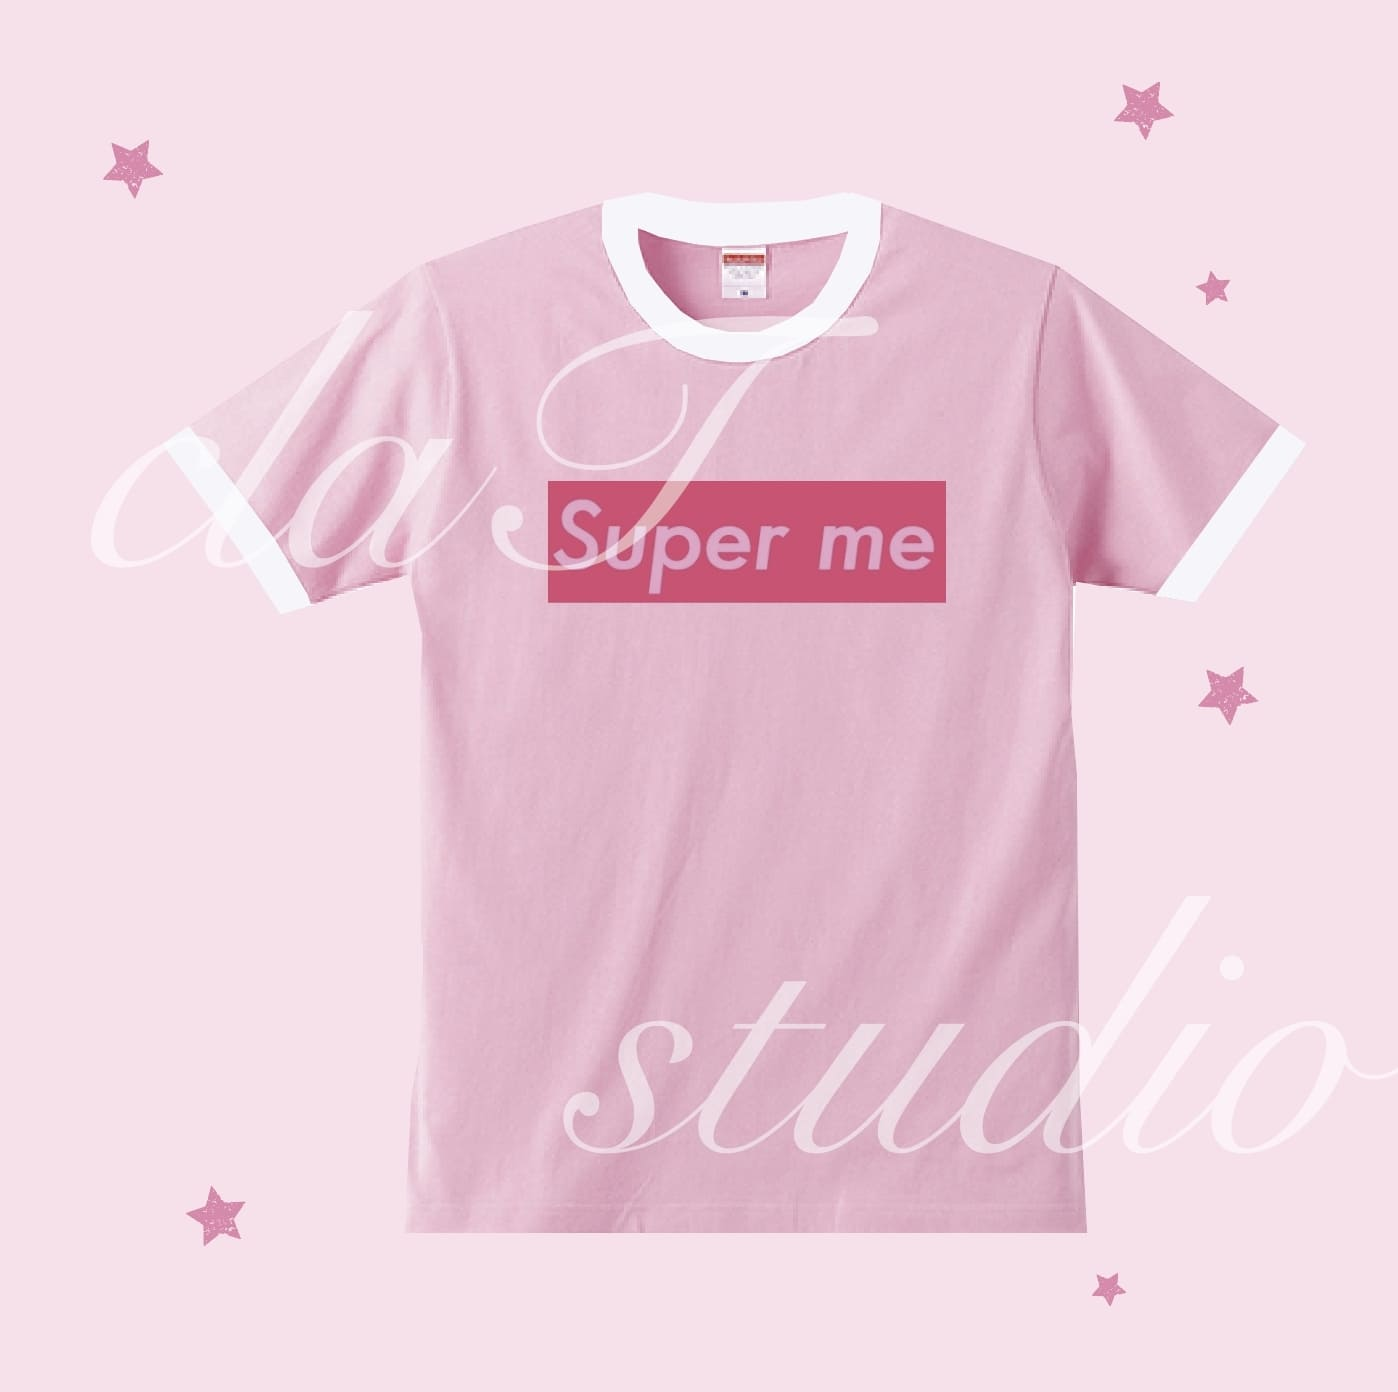 supreme_design_0002